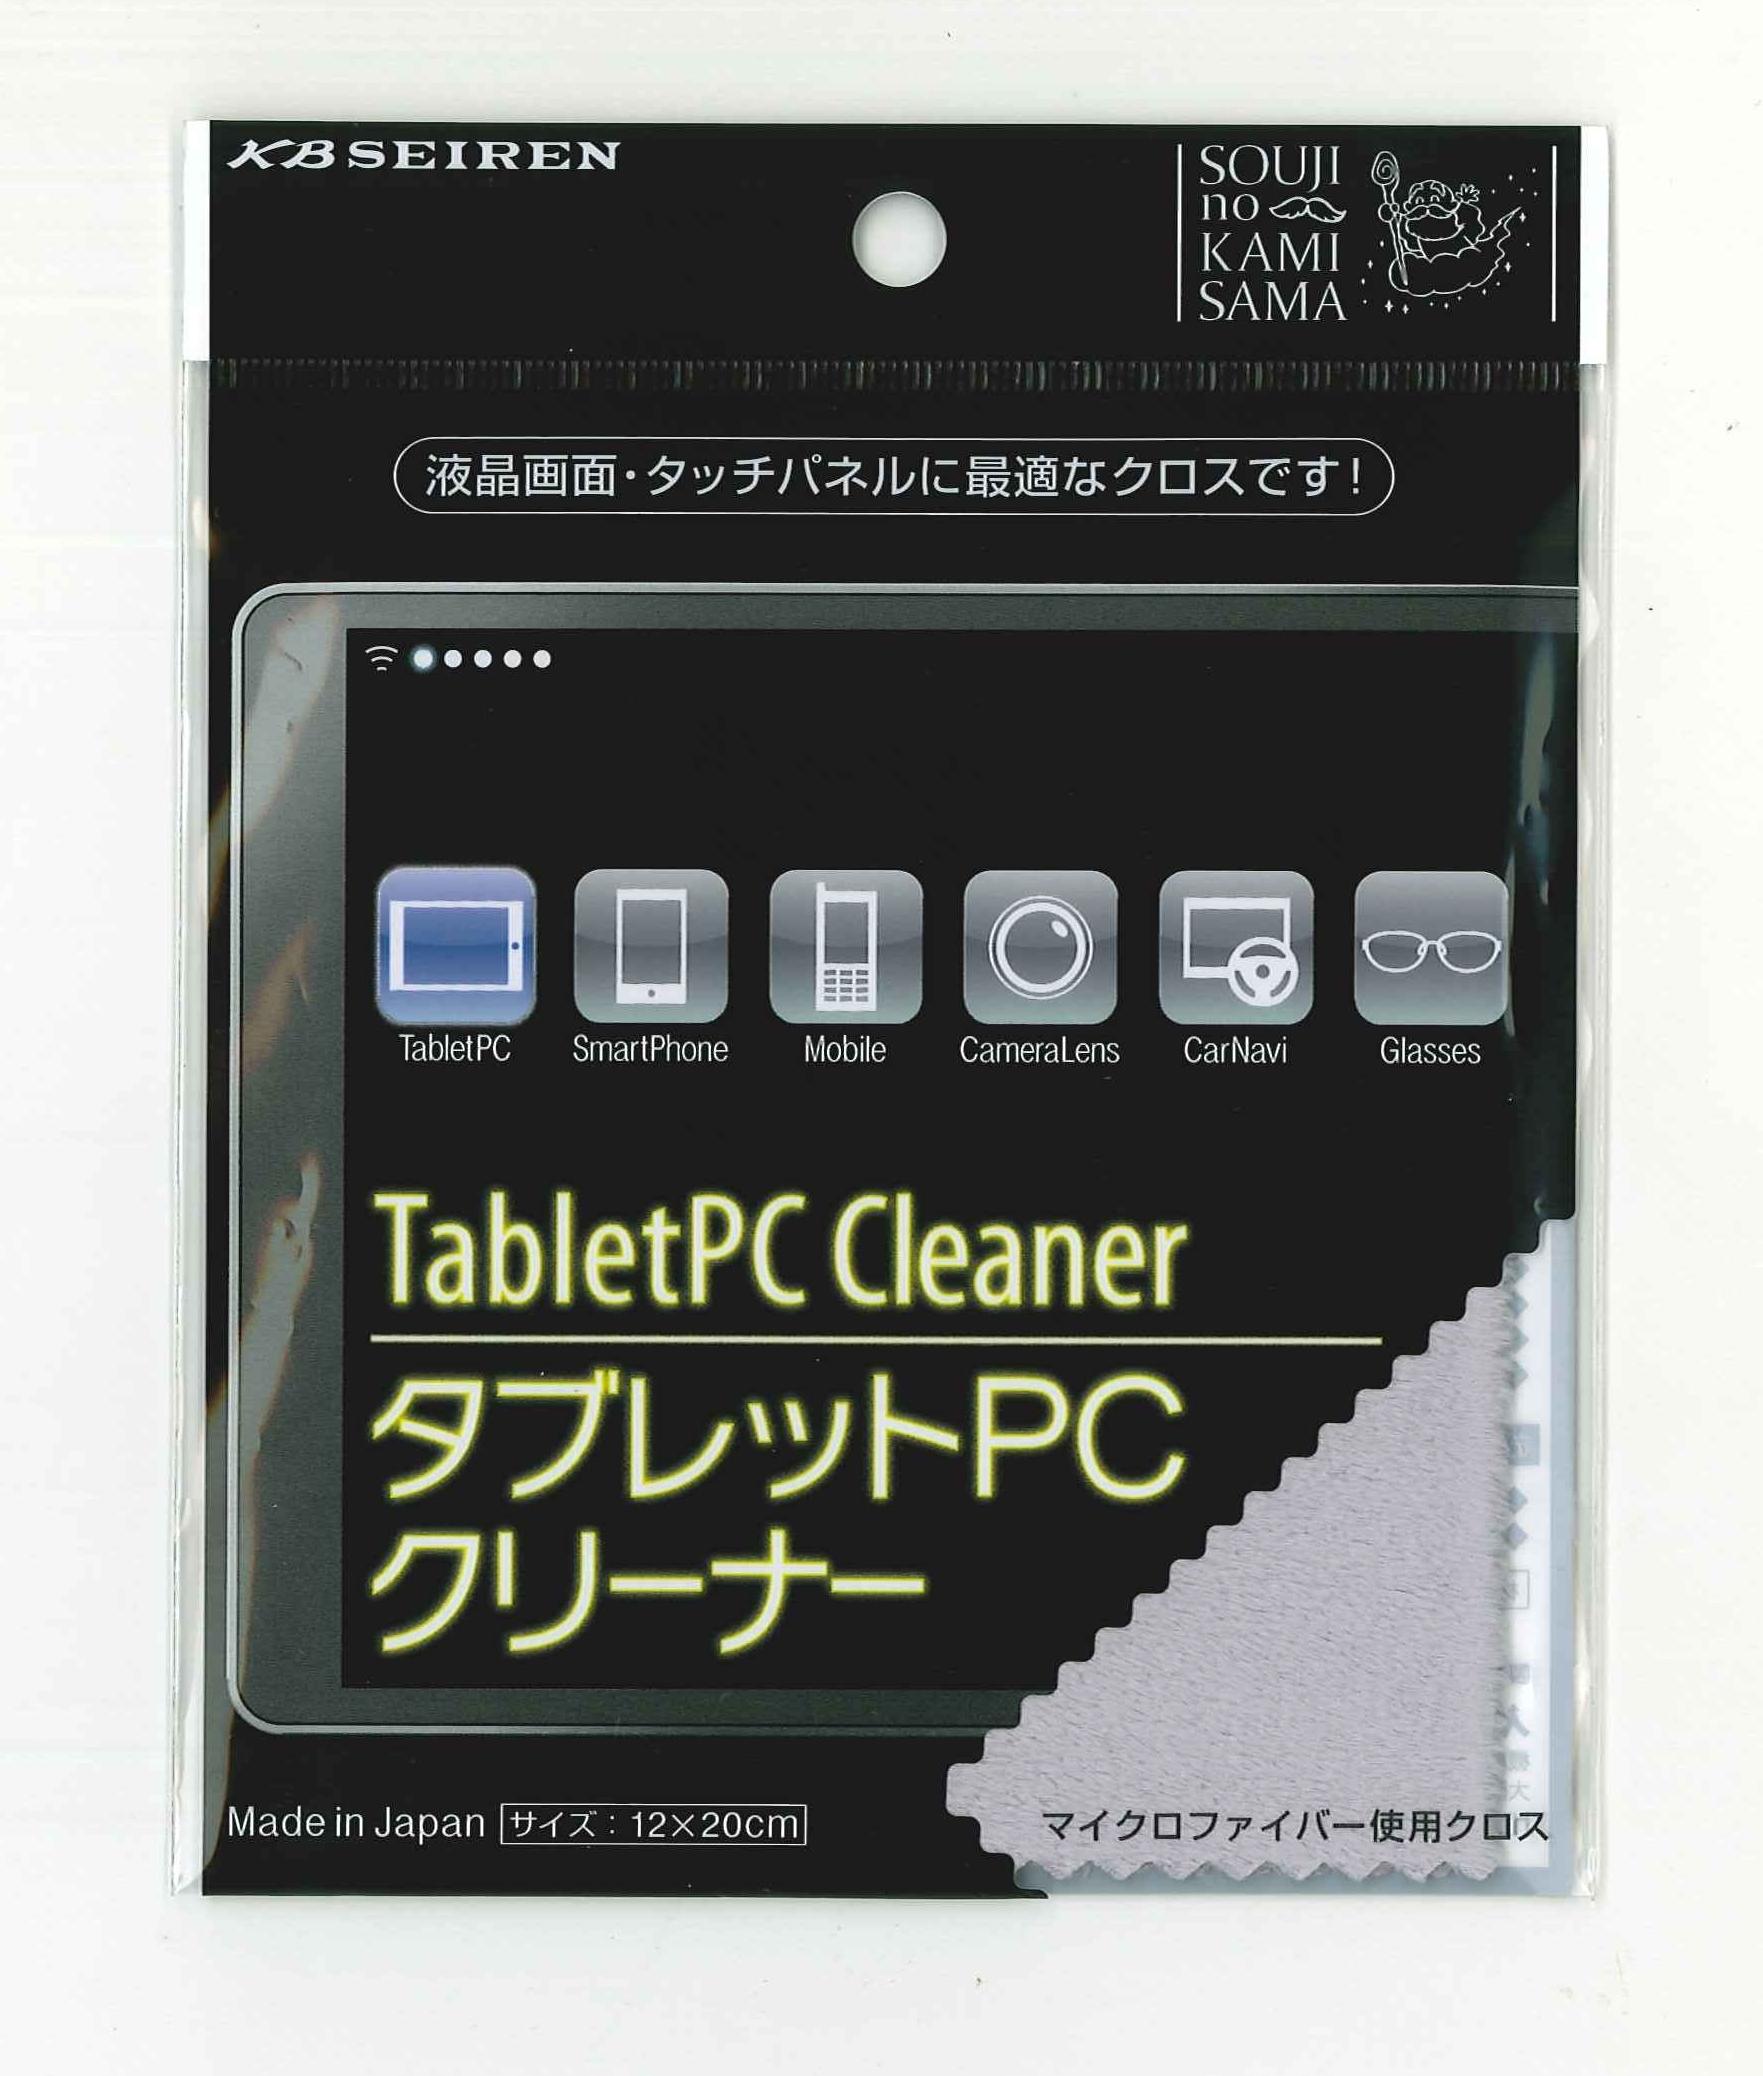 タブレットPCクリーナー 1枚入り ■液晶画面・タッチパネルの指紋や汚れに■